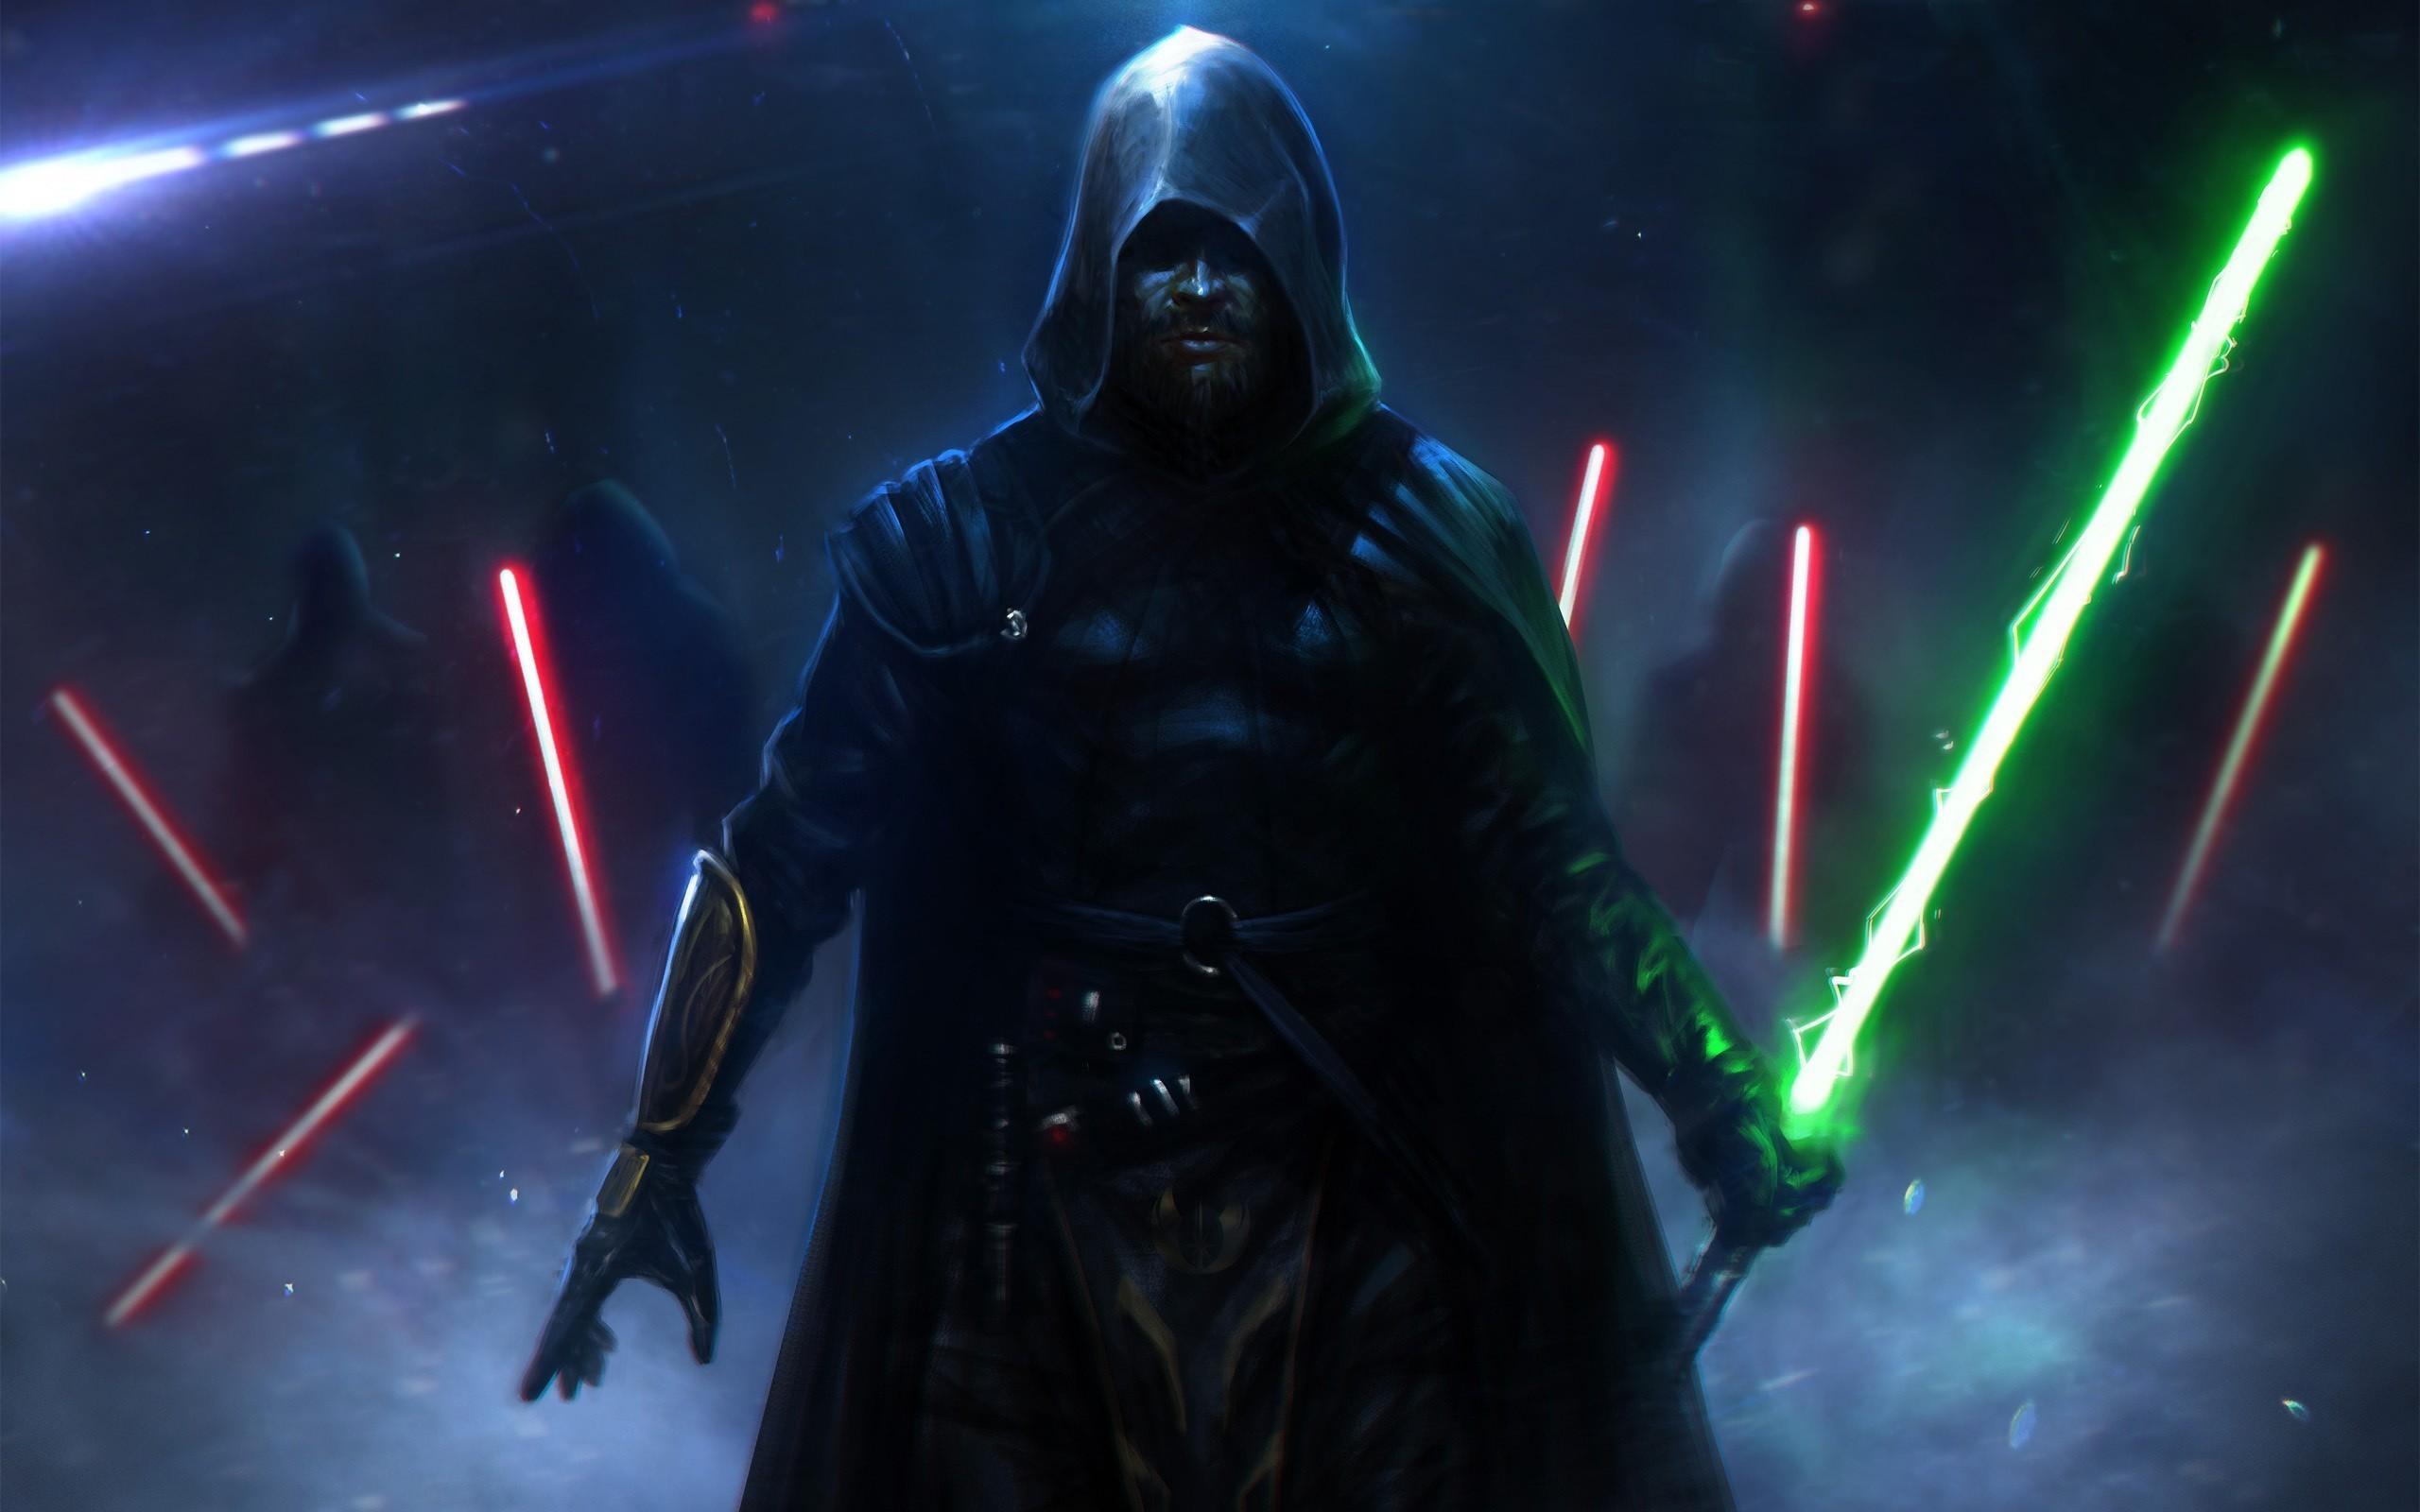 digital art star wars sith | Jedi – Star Wars wallpaper #14576